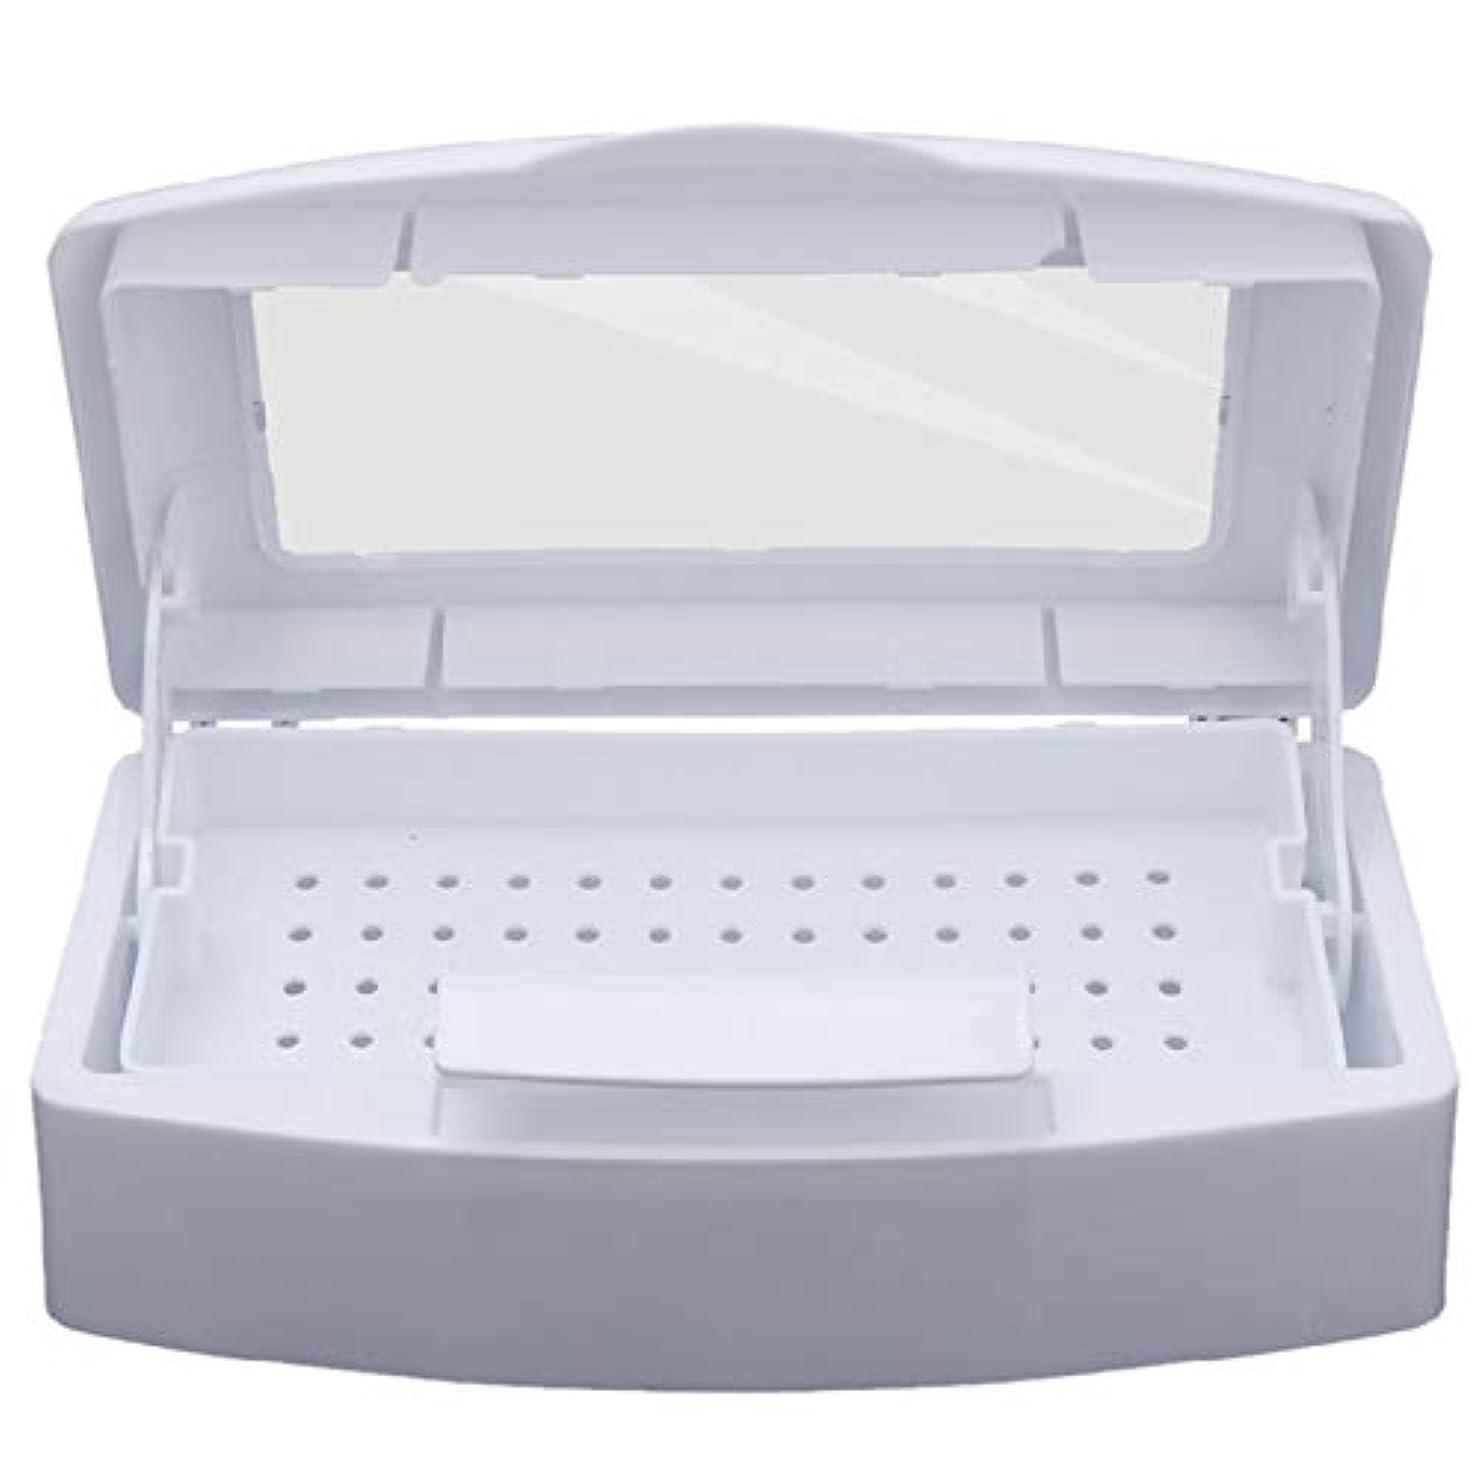 検証三十夜明けにCUHAWUDBA ネイル滅菌 トレイ消毒 ペディキュアマニキュアボックス ネイルアートボックス 滅菌サロンツール マニキュアツール